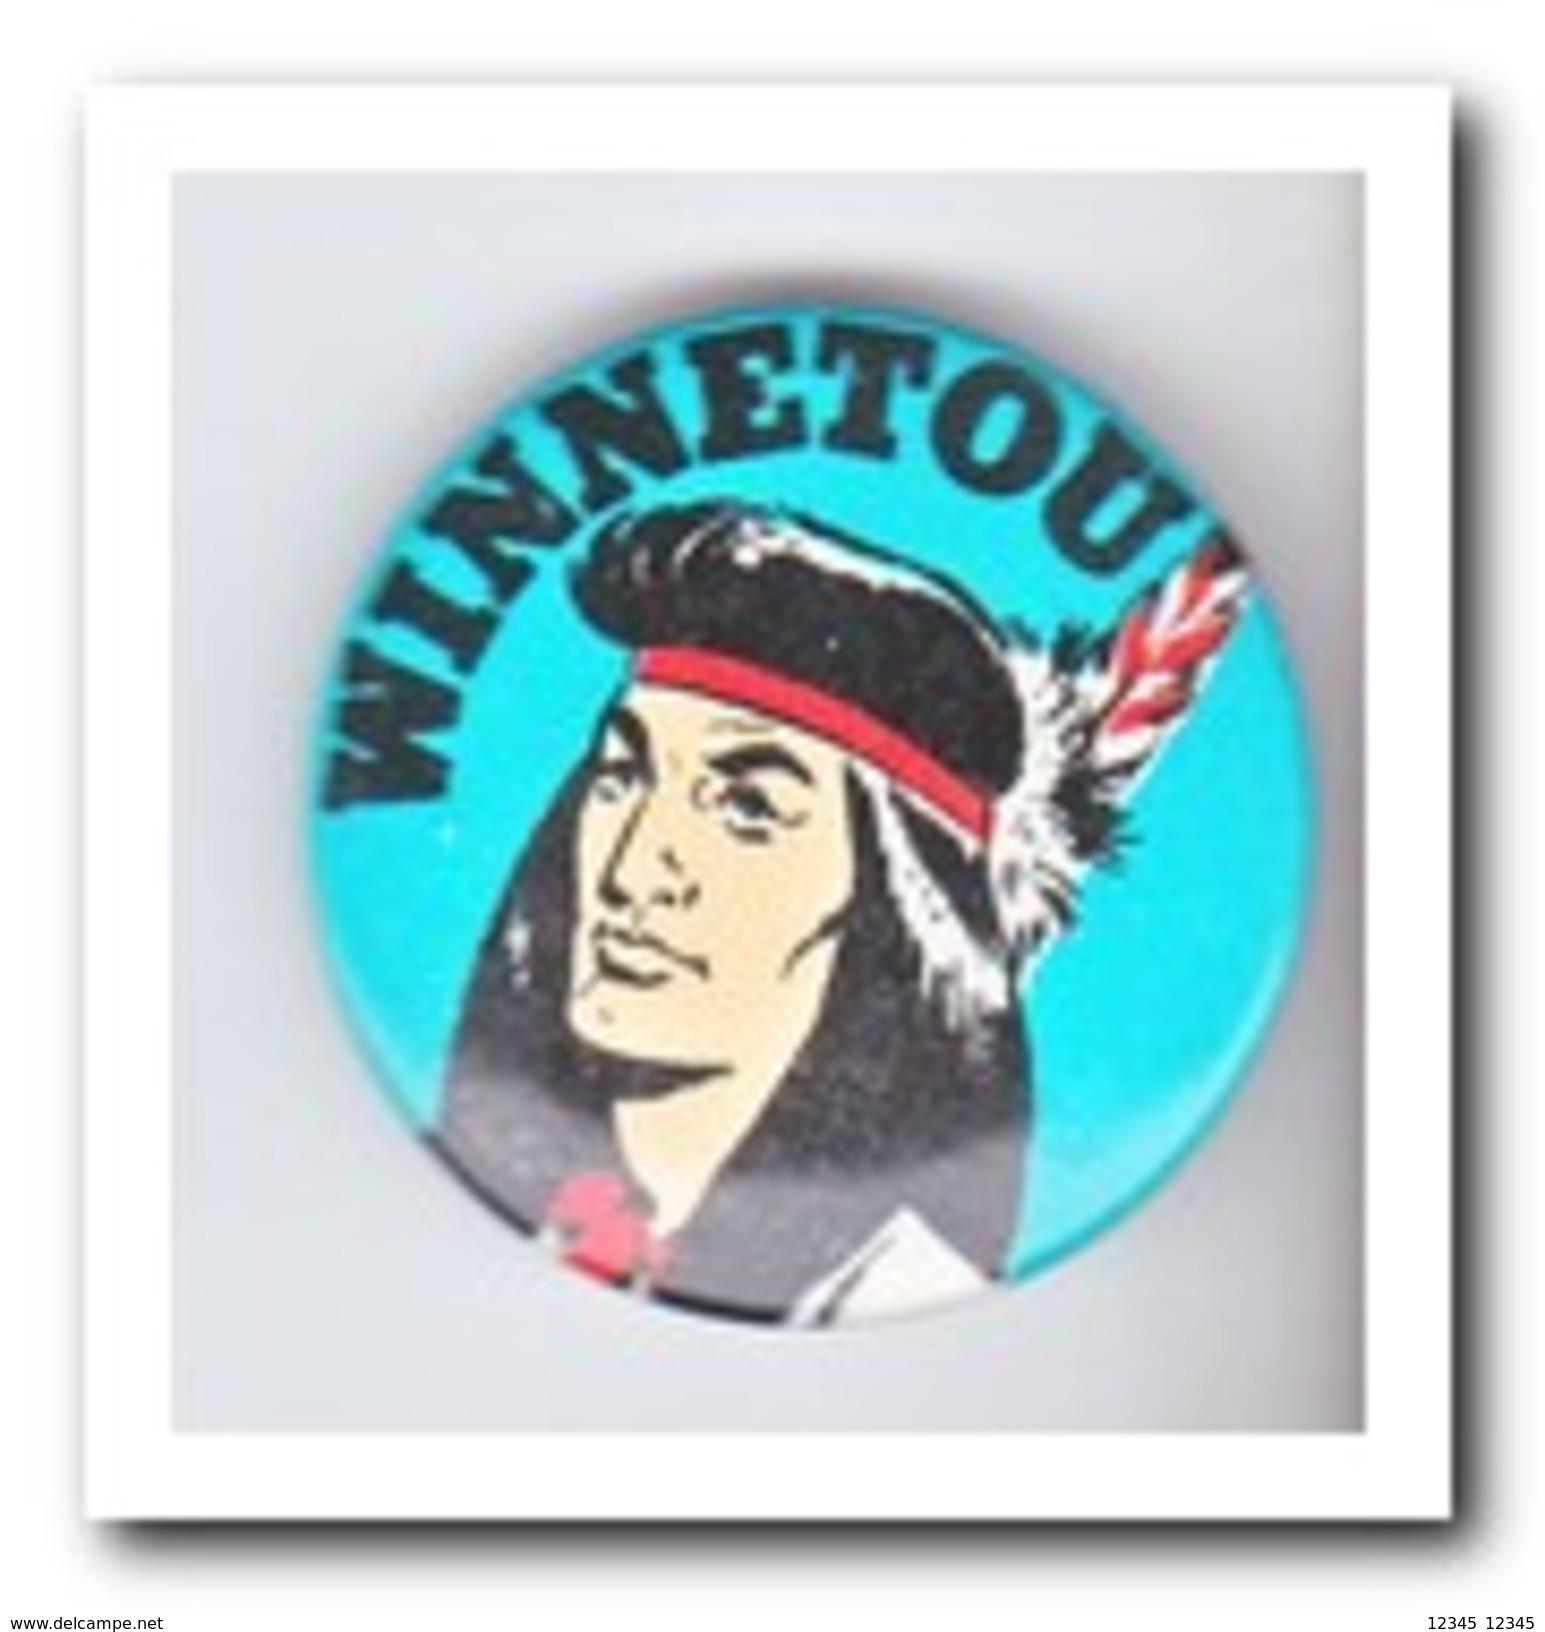 WINNETOU - Pins